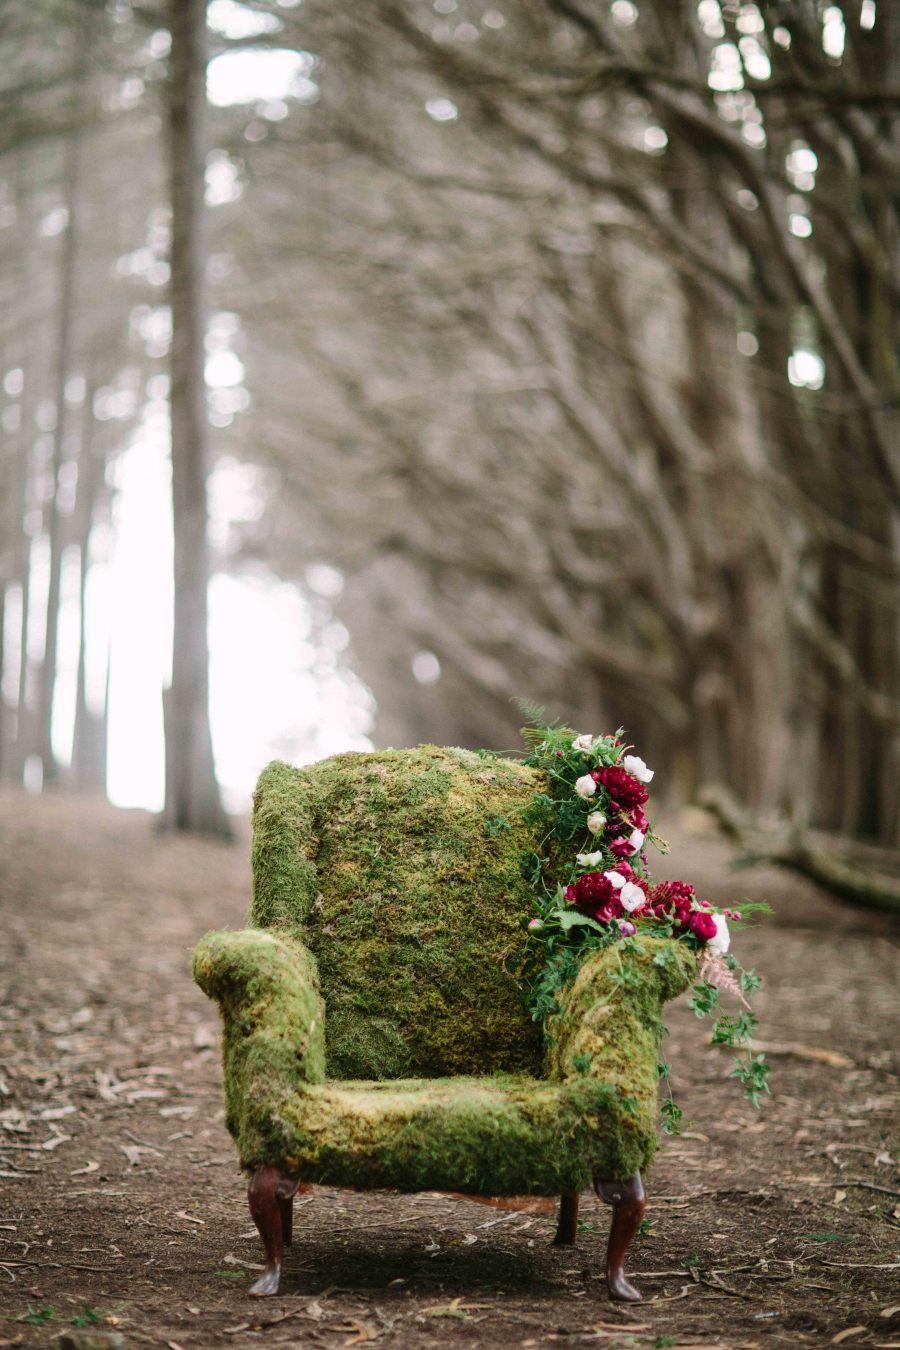 Chaise recouverte de lichens et de mousse